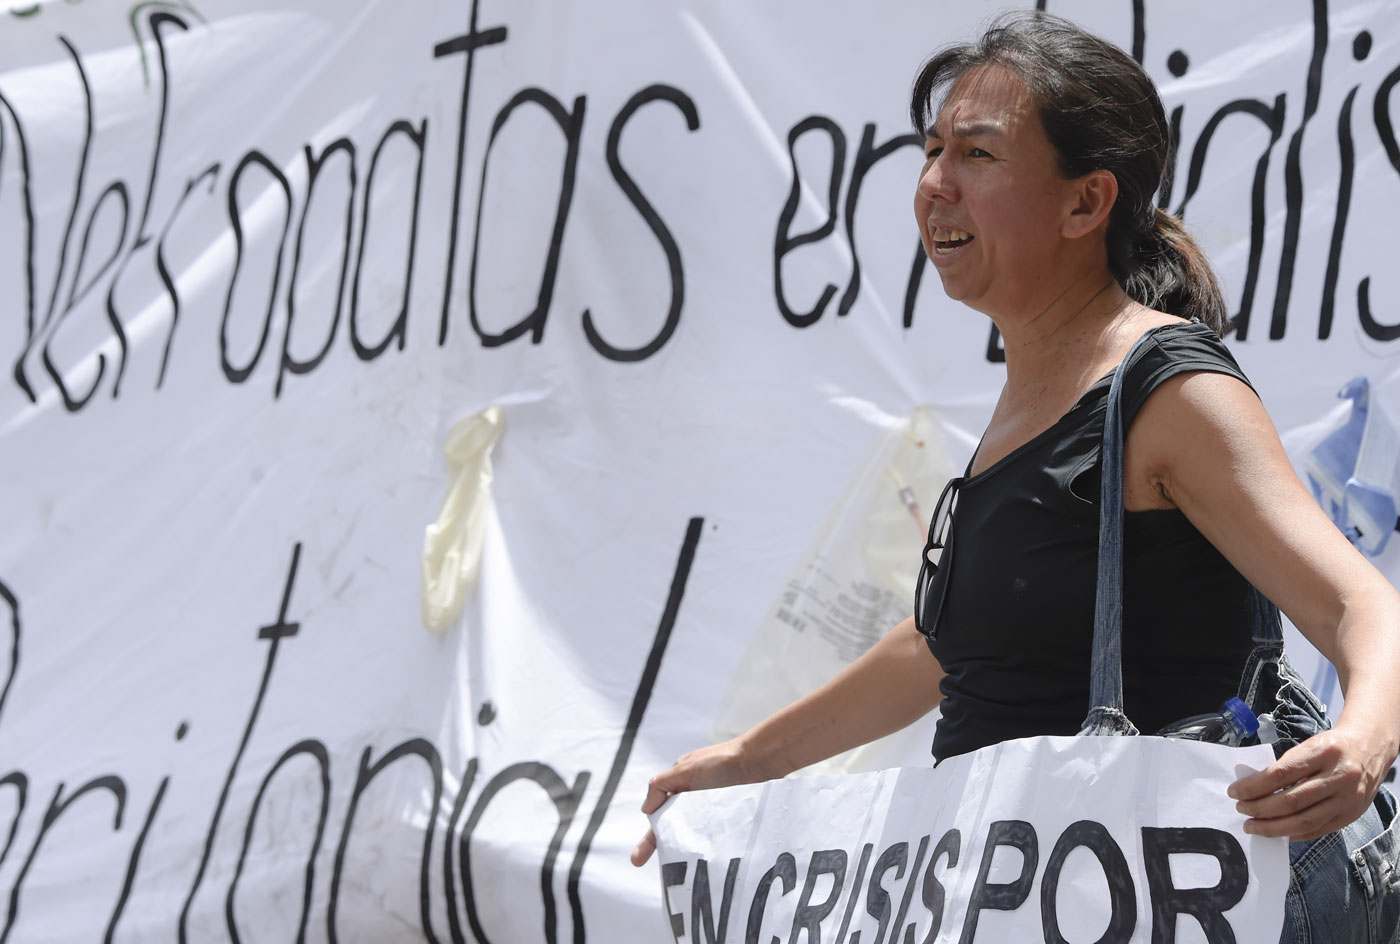 Una mujer protesta el miércoles frente a la sede del Seguro Social en Caracas. Los disturbios y protestas que ya pasan de 100 dias en Venezuela mantienen al país en ascuas sin que se vea una salida aceptable. Juan Barreto AFP